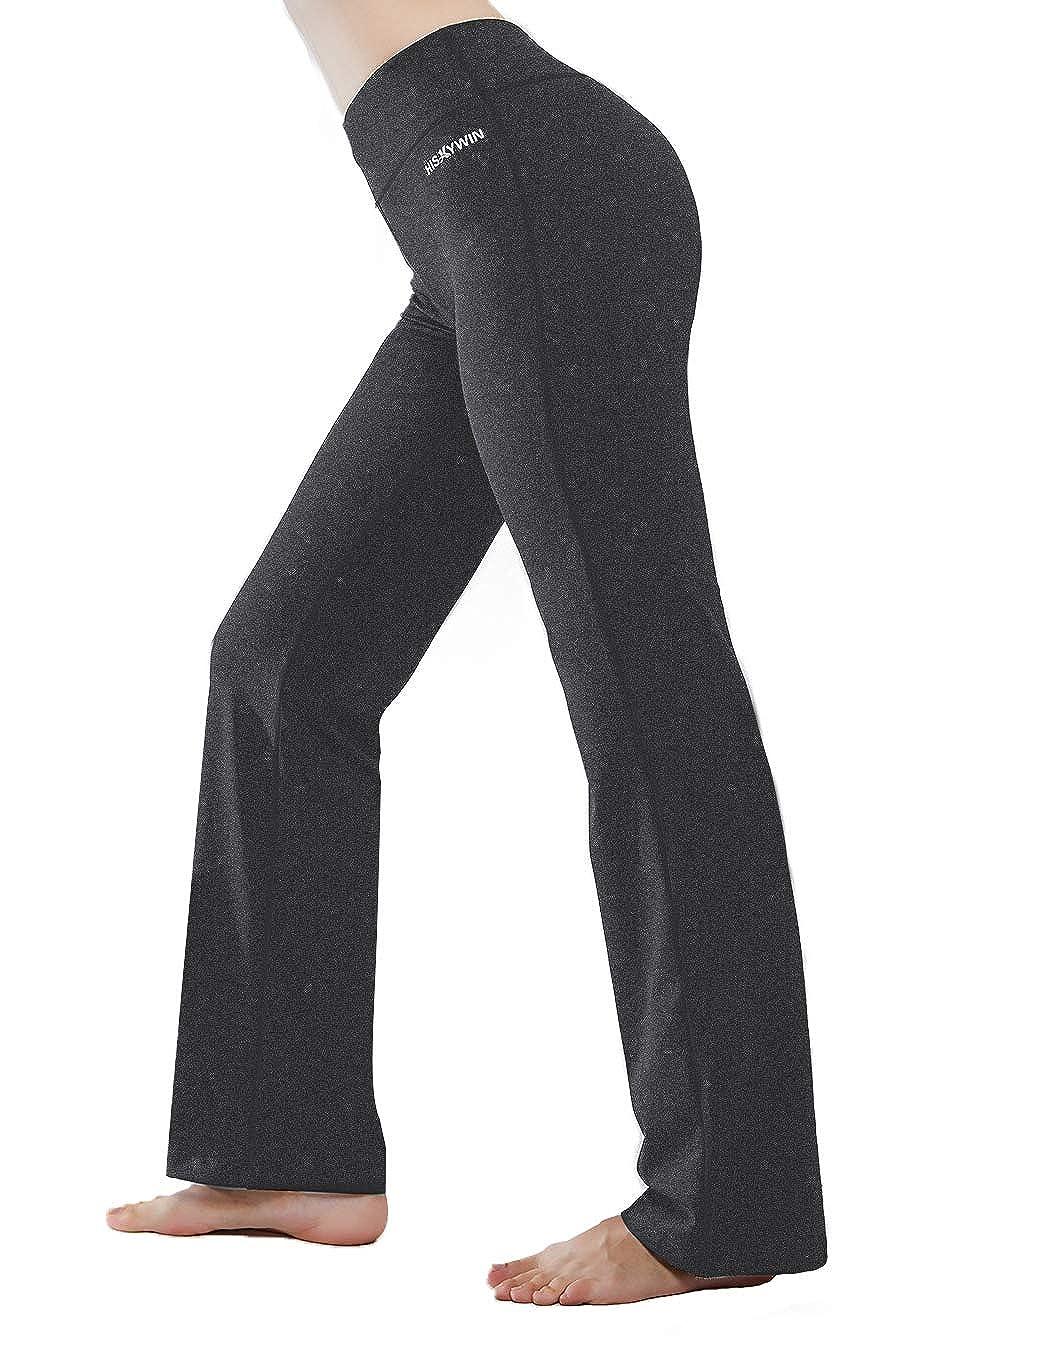 【人気商品】 HISKYWIN PANTS X-Large レディース B07GN88VCK HISKYWIN ダークグレー X-Large PANTS X-Large|ダークグレー, 厨房Byonho:c11a05ec --- egreensolutions.ca